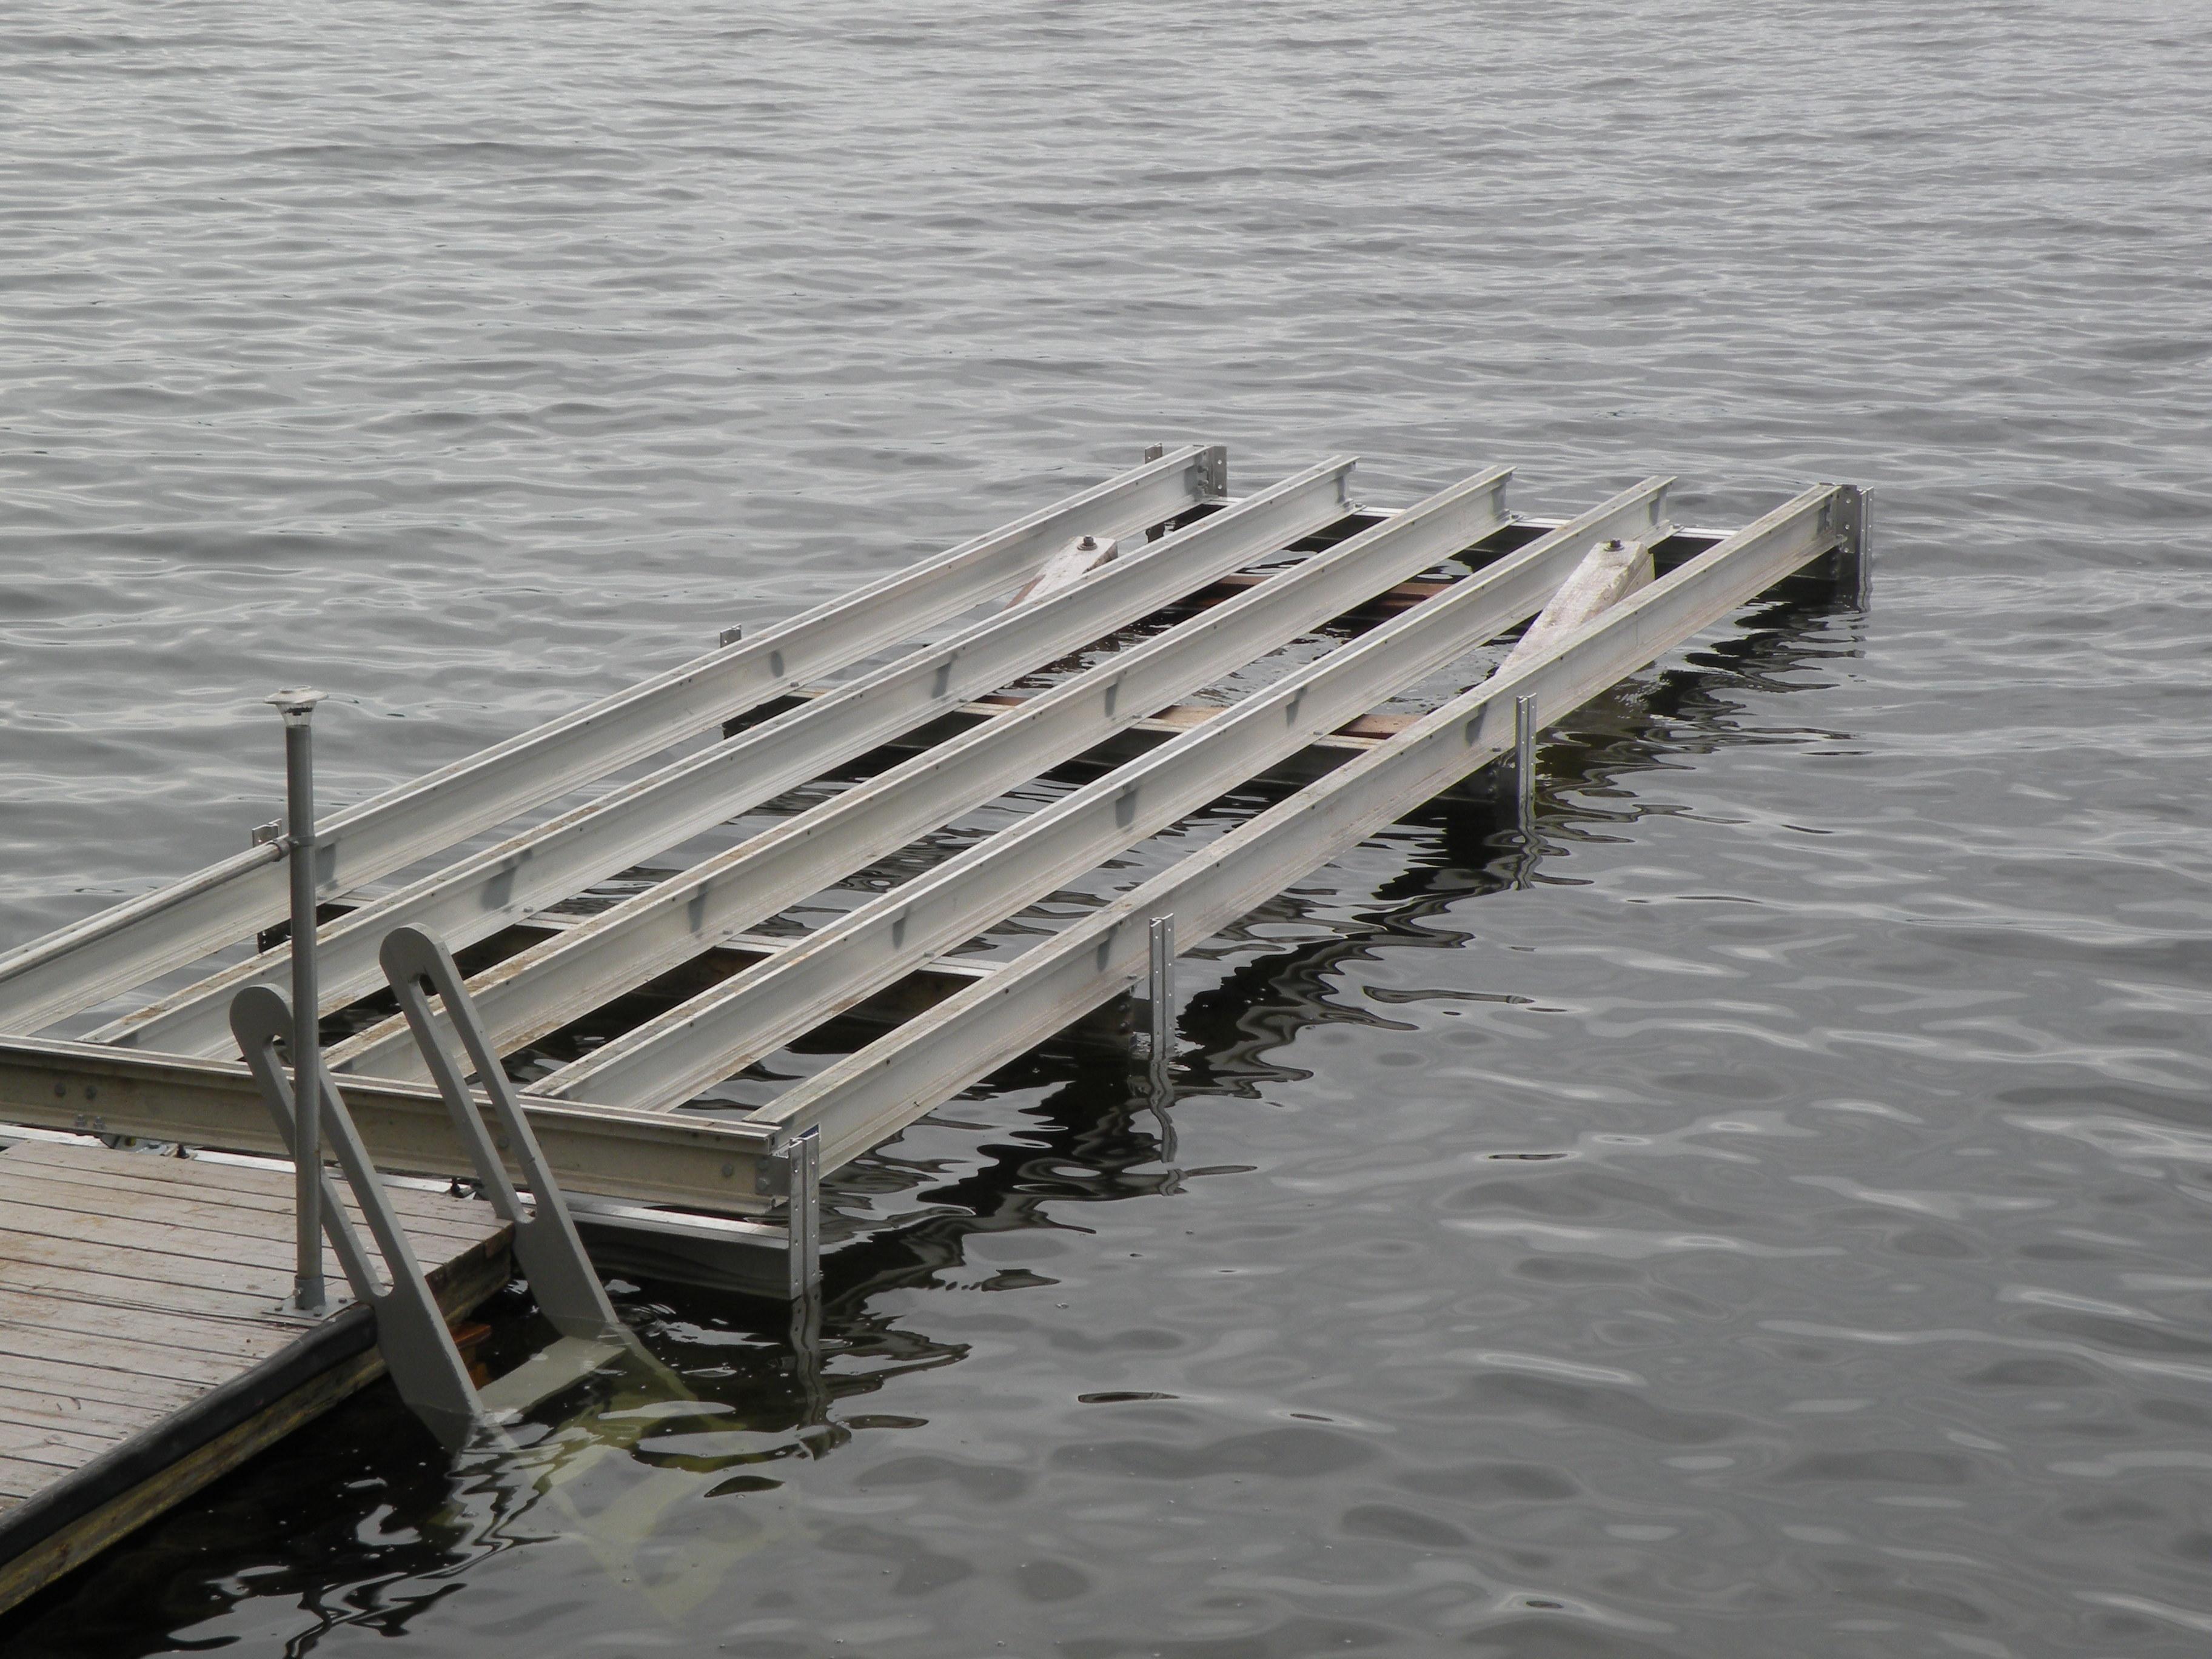 Aluminum Framing For Crib Dock